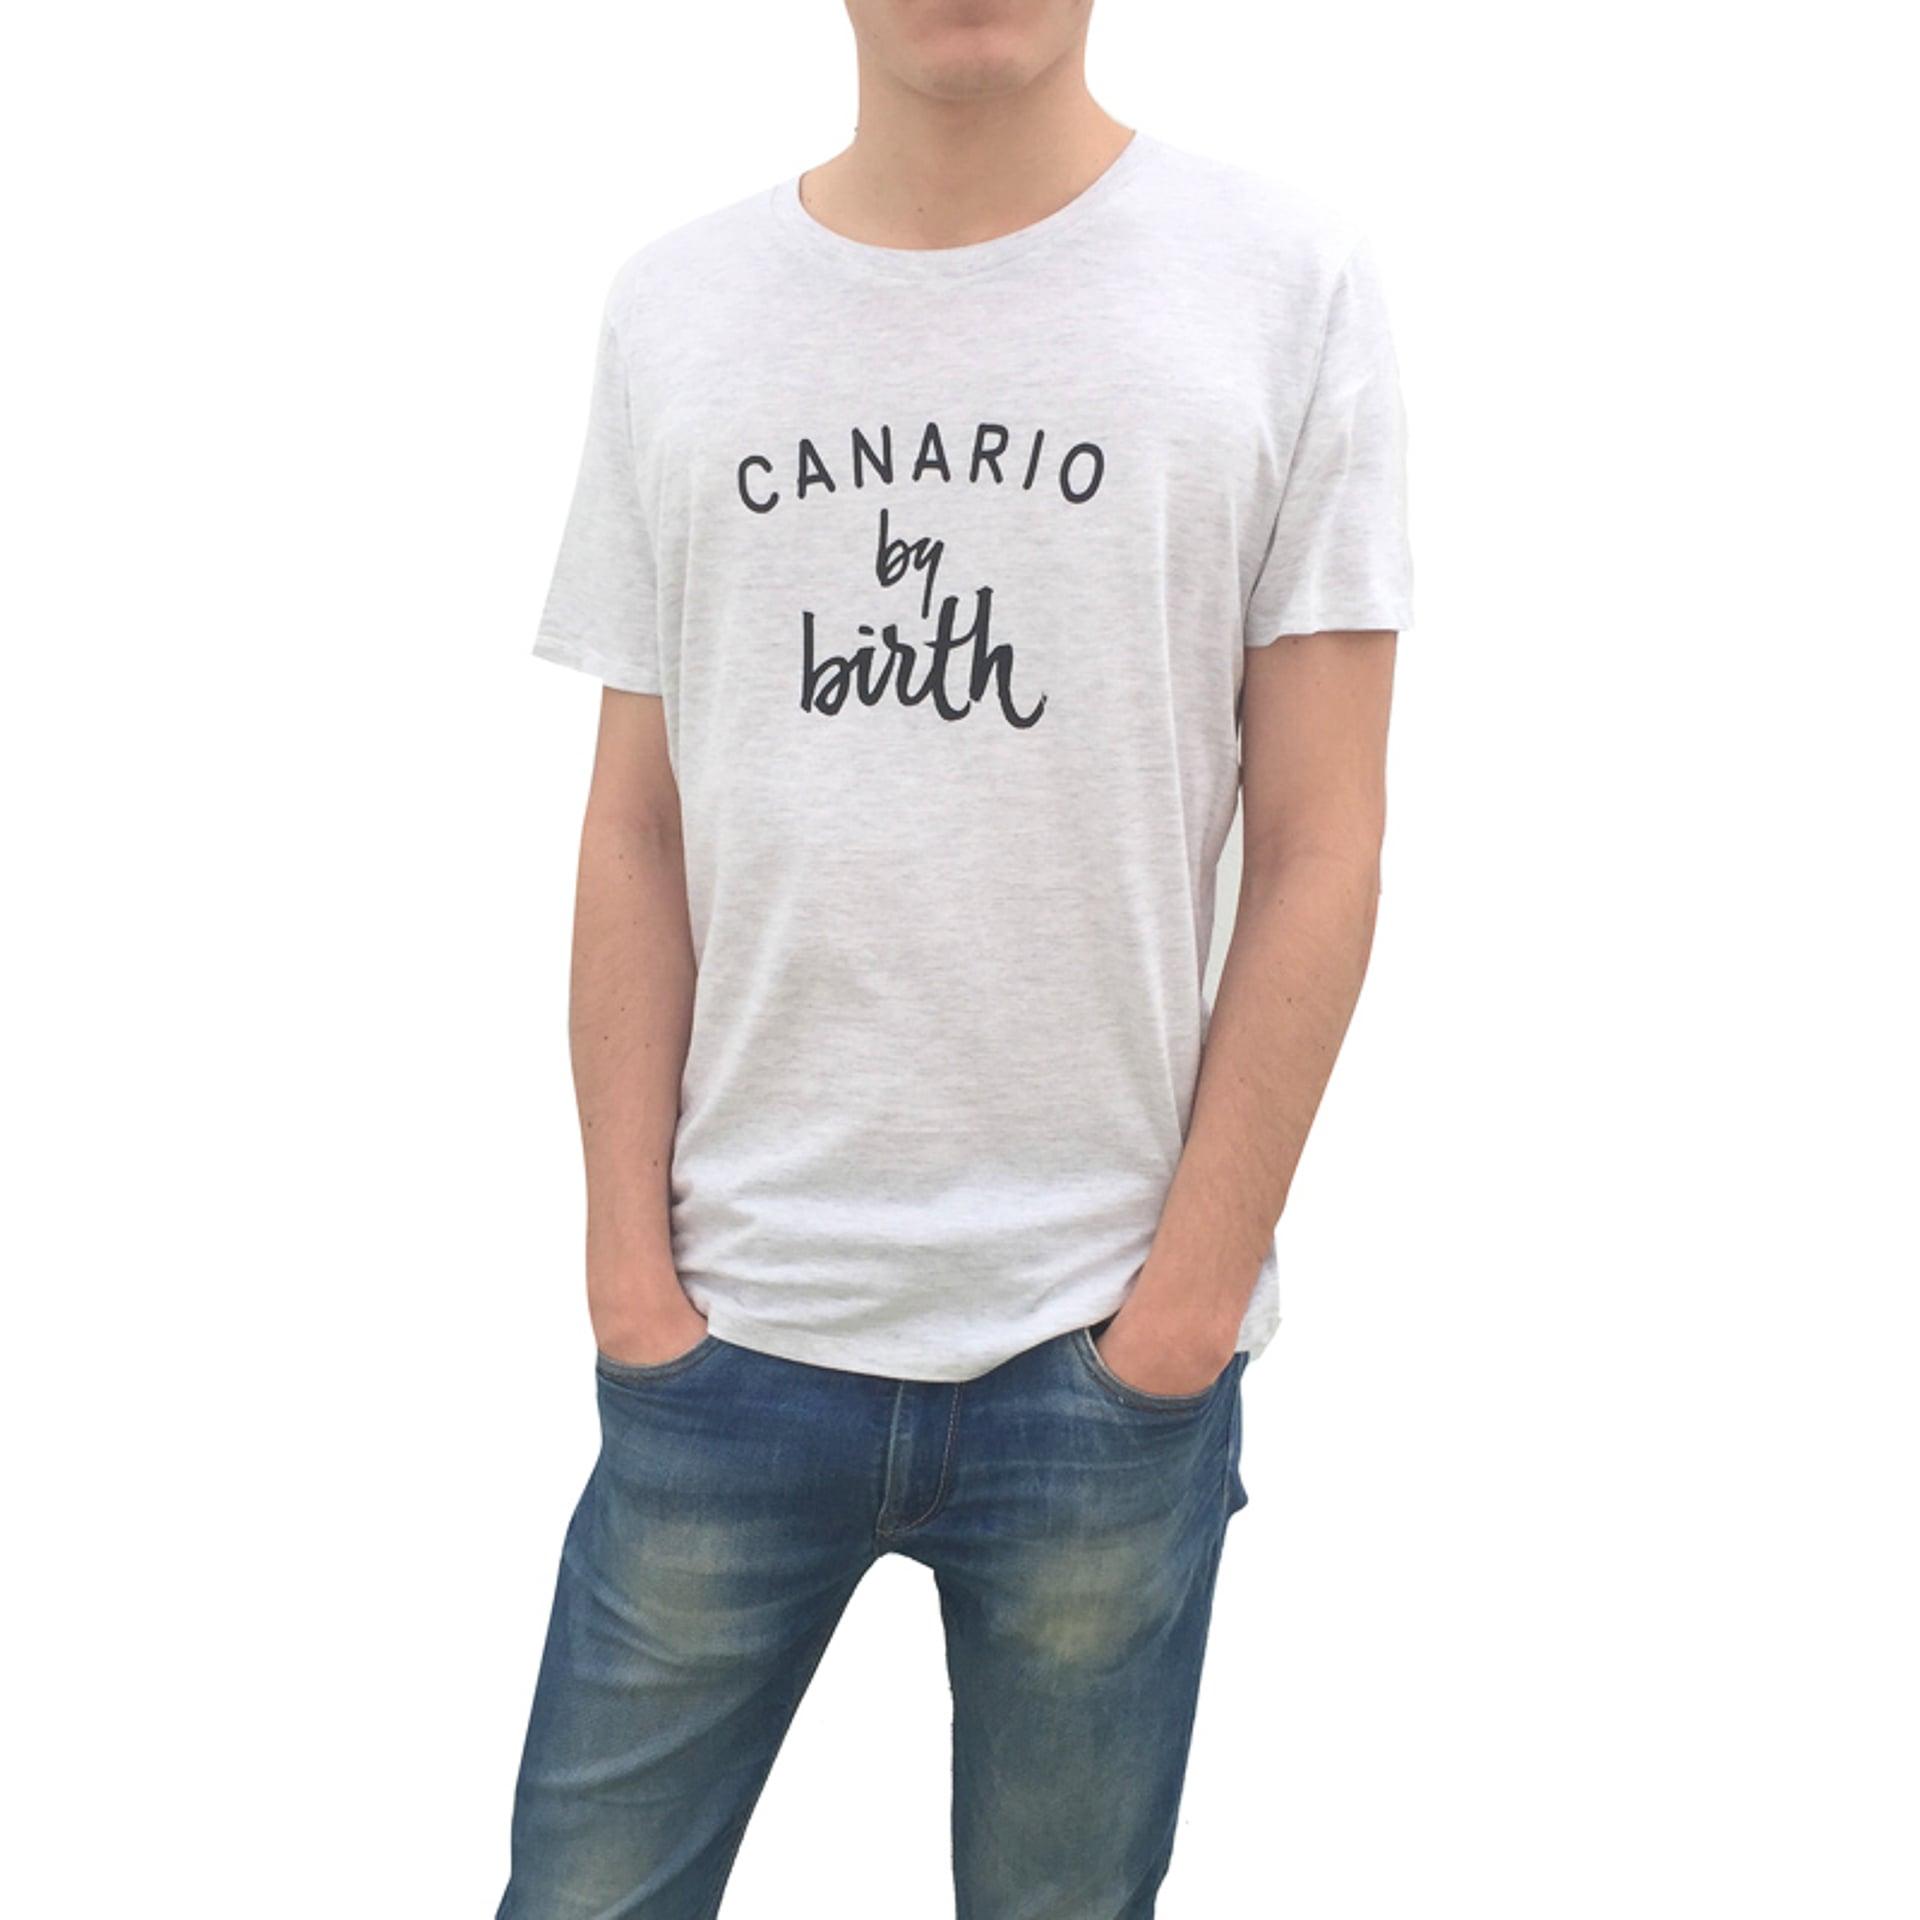 Canario by birtth negro manmodel  tshirt grey